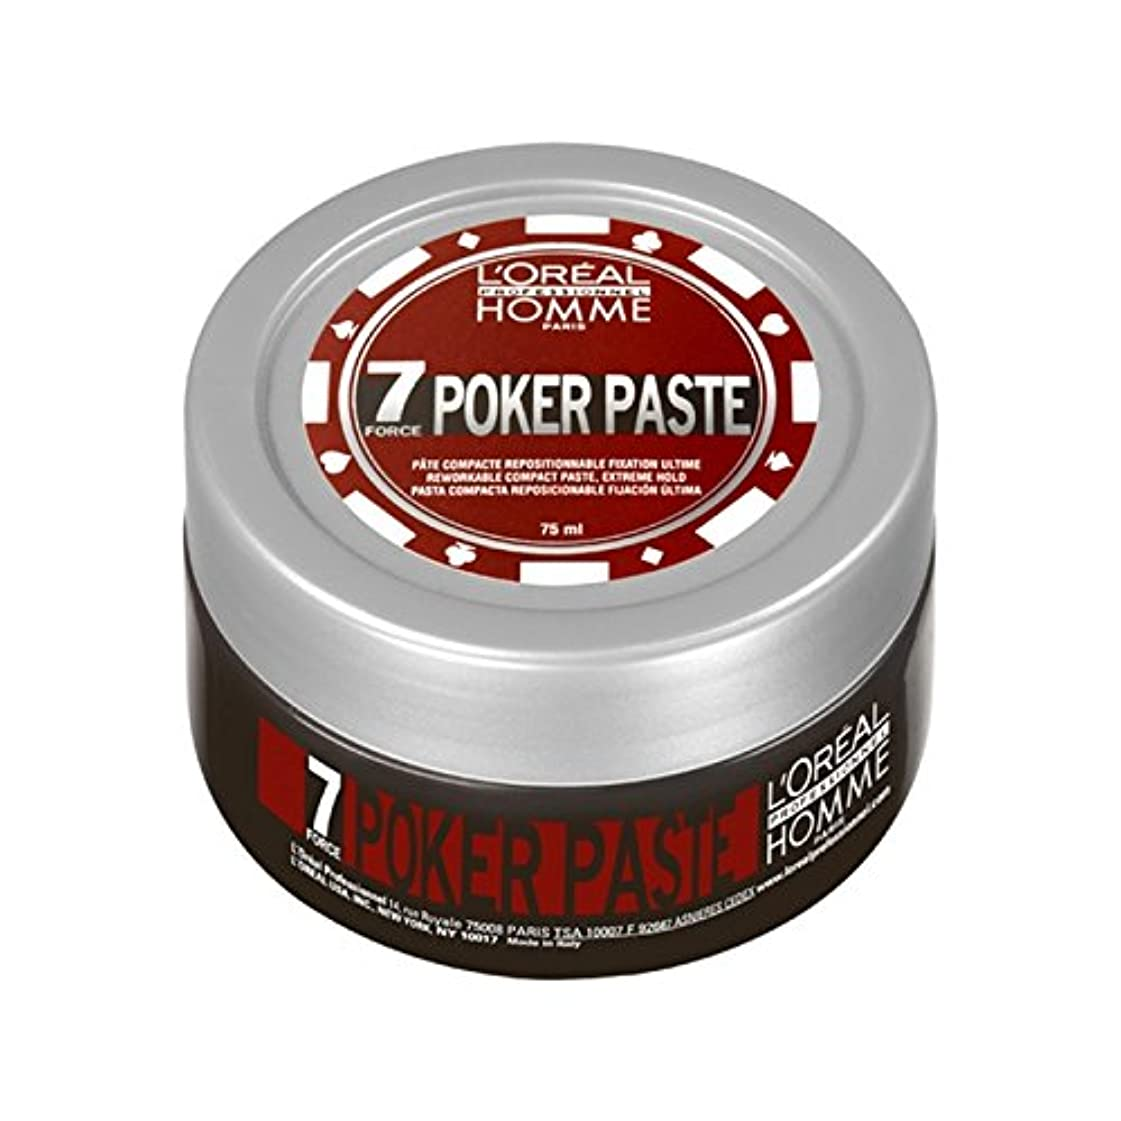 レオナルドダ実行主導権ロレアルプロオムポーカーペースト(75ミリリットル) x2 - L'Oreal Professional Homme Poker Paste (75ml) (Pack of 2) [並行輸入品]